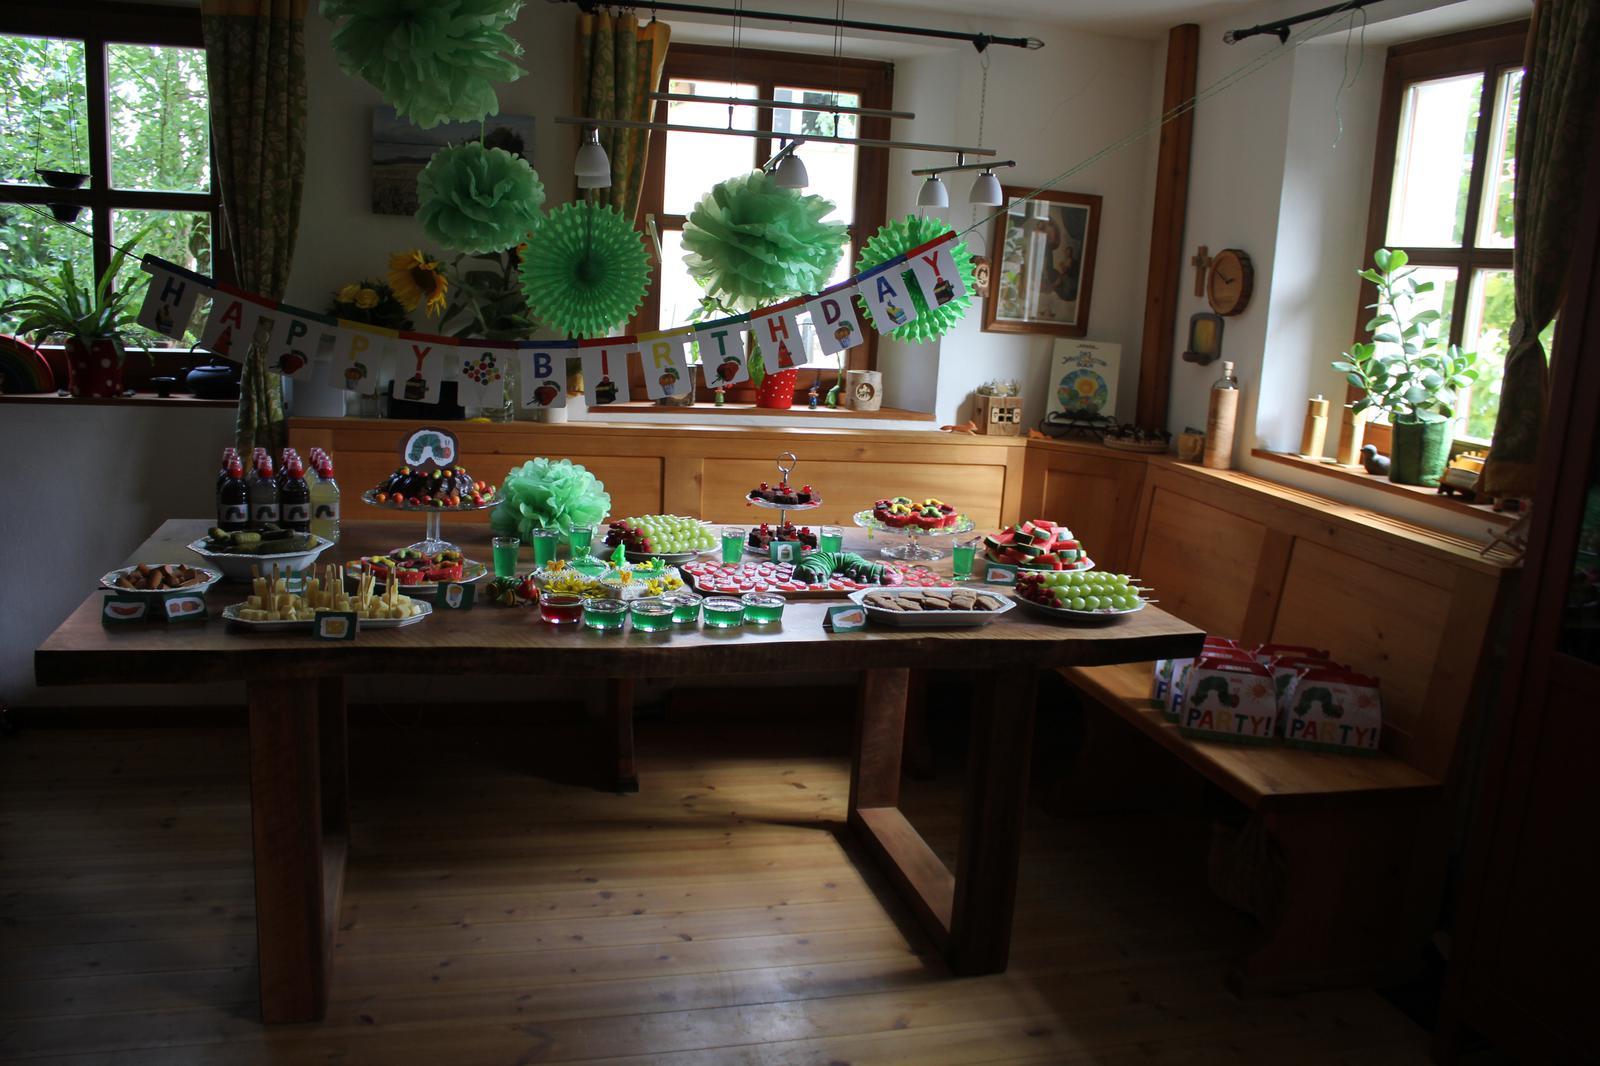 Raupe Nimmersatt Party|Die kleine Raupe Nimmersatt|Very hungry caterpillar|Eric Carle|Kindergeburtstag|Kinderfest|Mottoparty|Mottogeburtstag